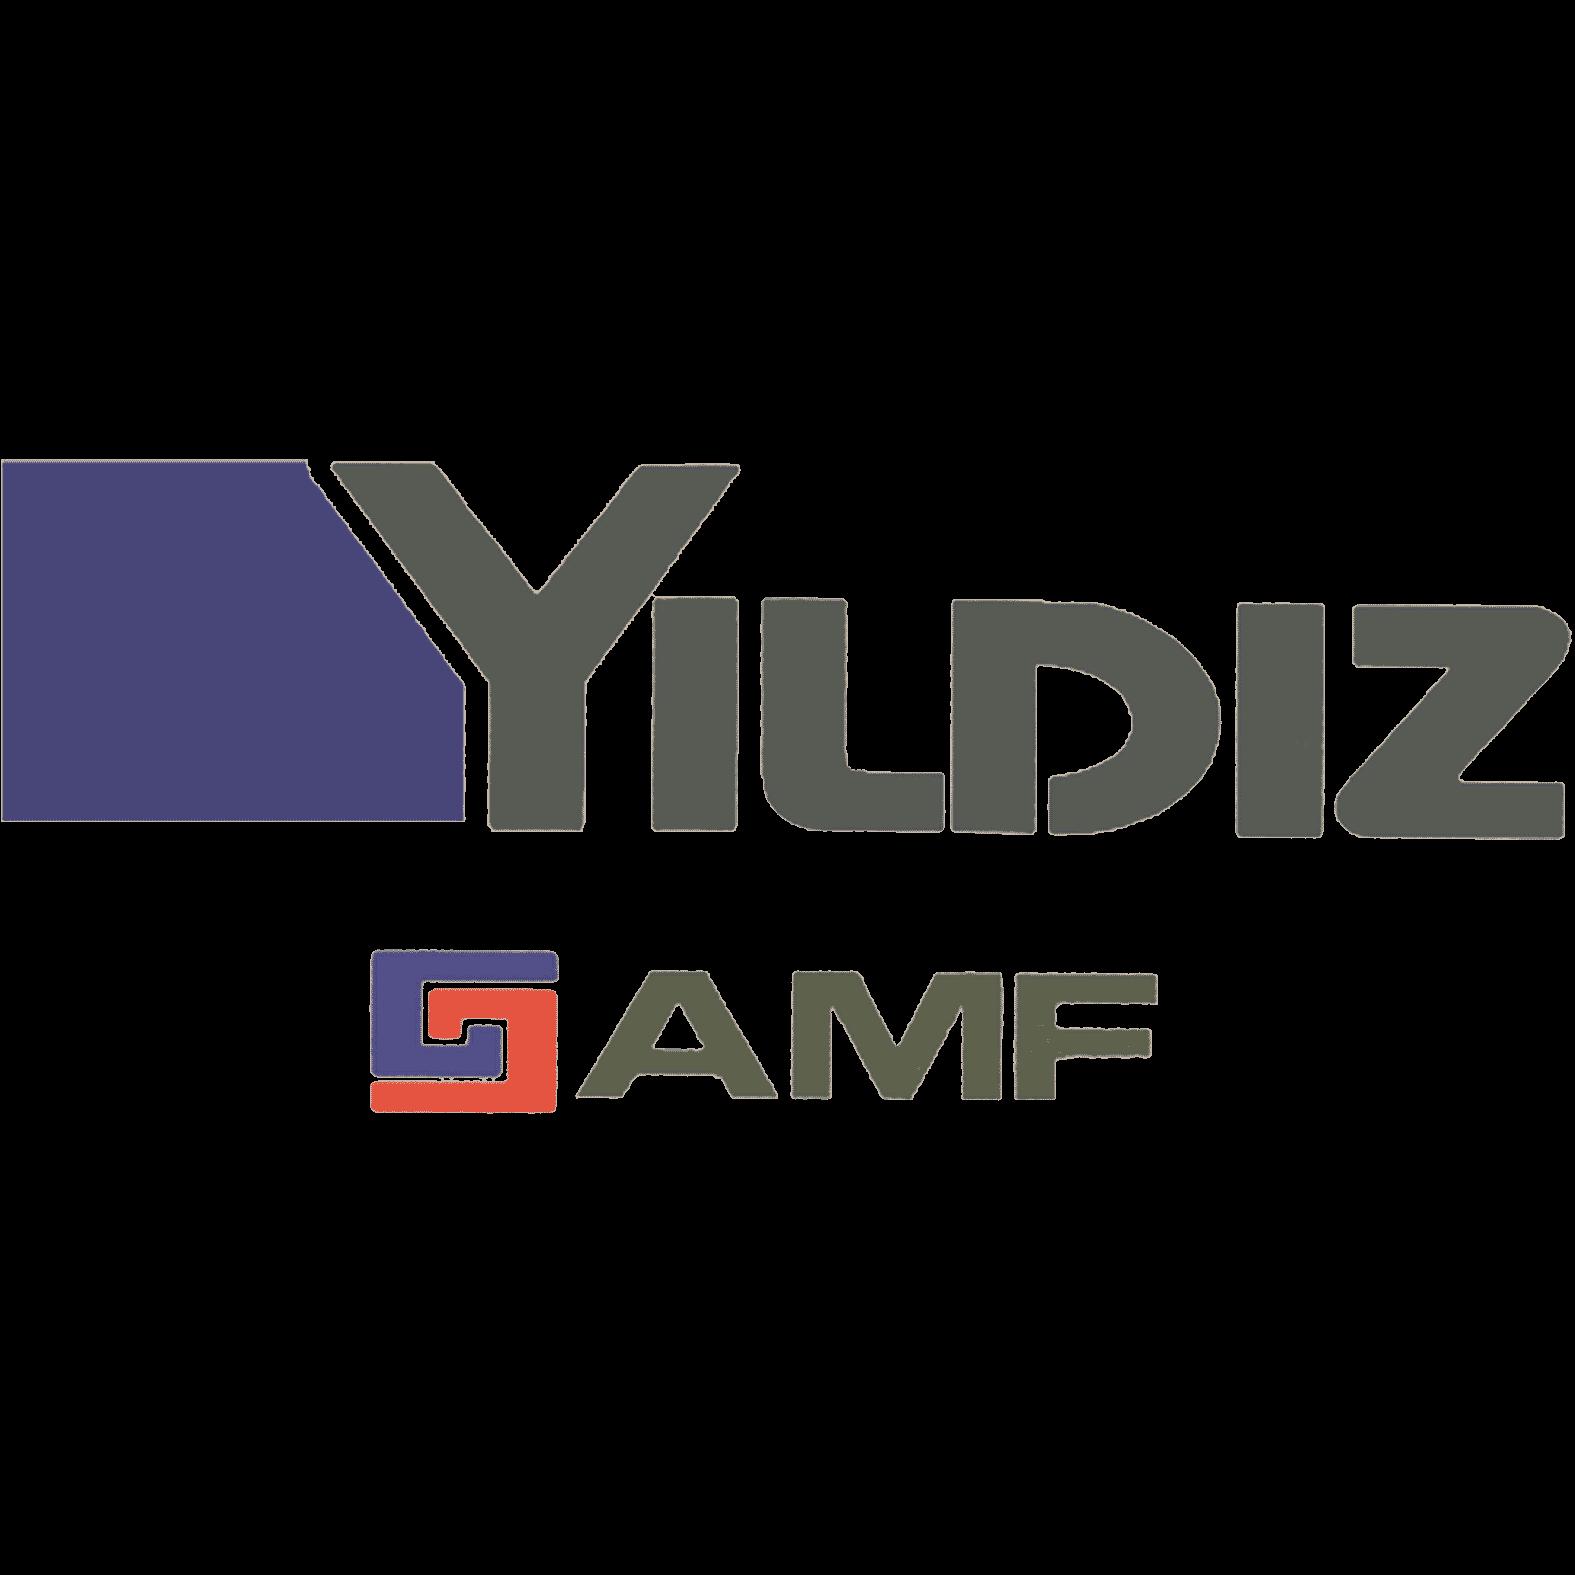 YILDIZ amf